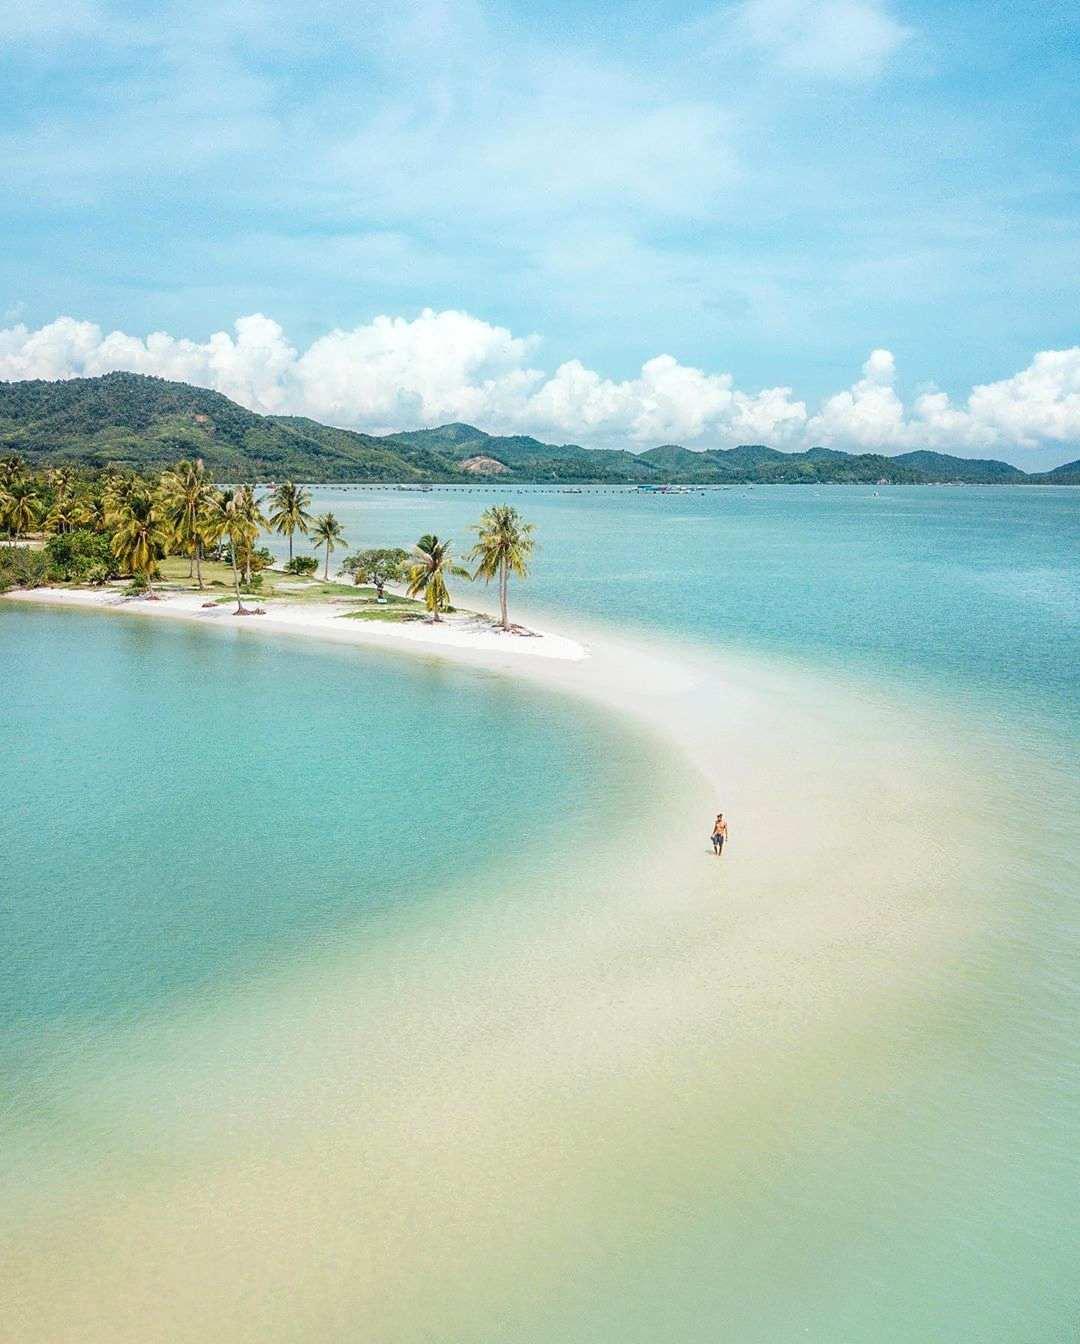 Koh Yao Yai, Leam Had Beach, zandbank